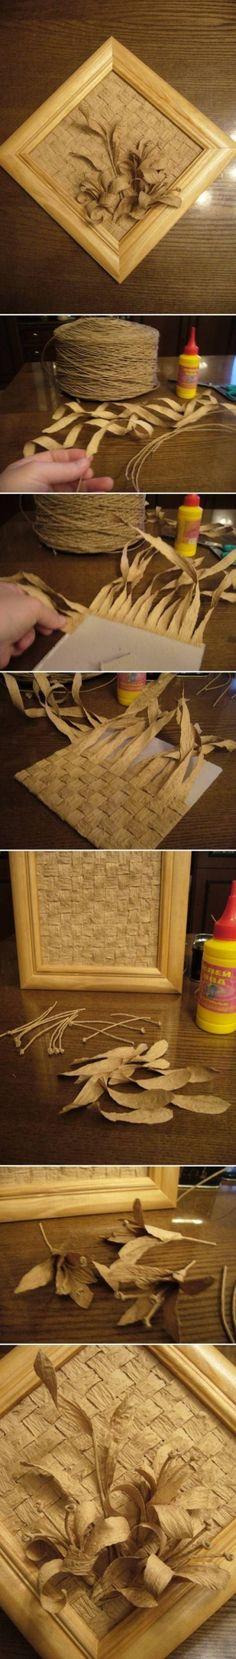 DIY Paper Twine Panel by Miriam Zeilmann